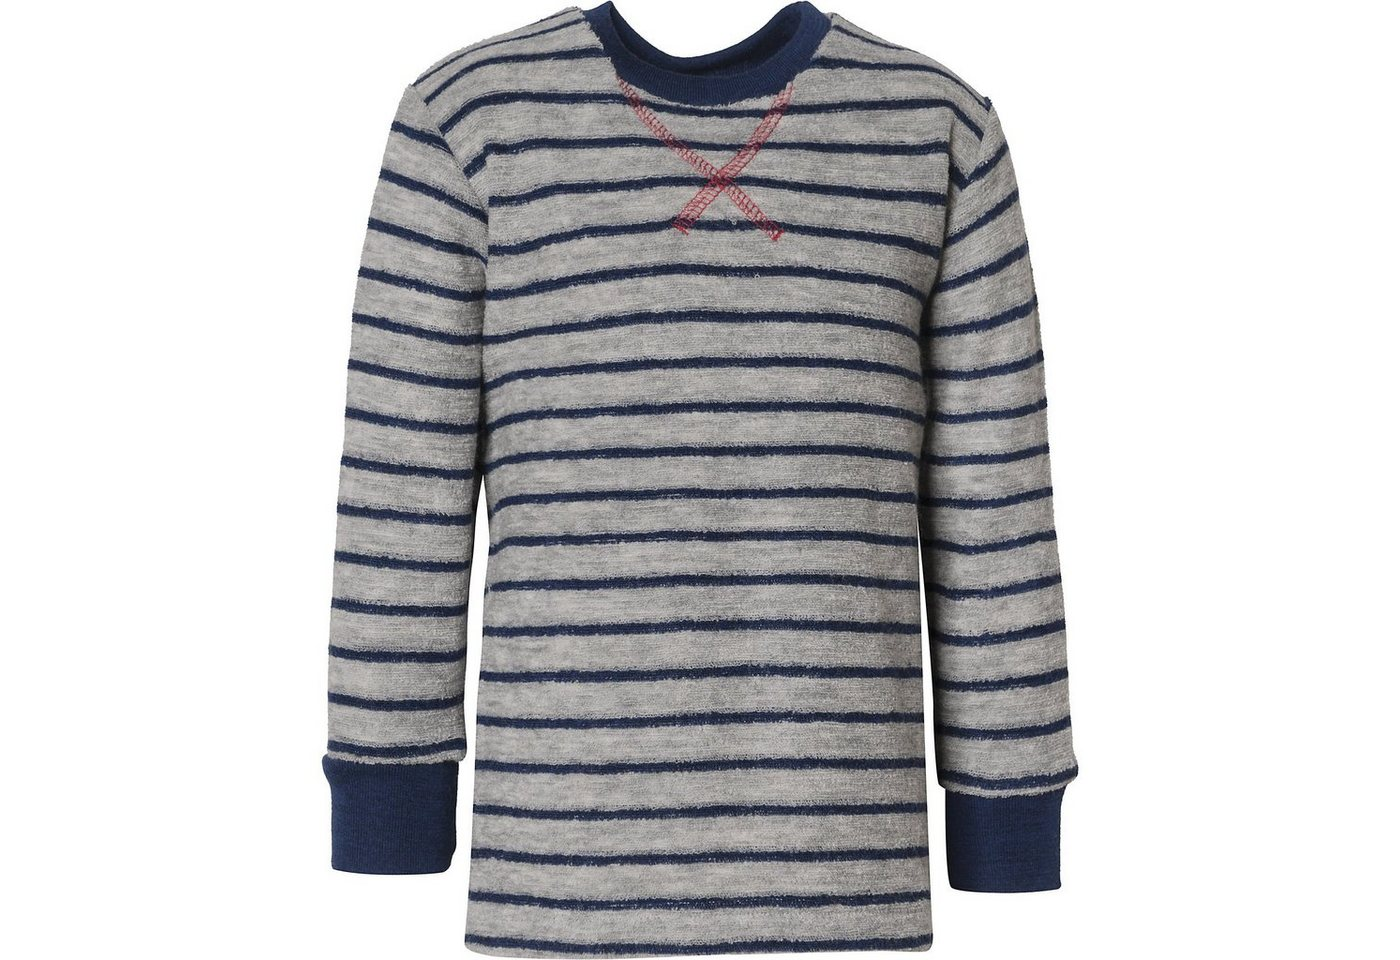 engel -  Pullover aus 100% Merinoschurwolle für Jungen